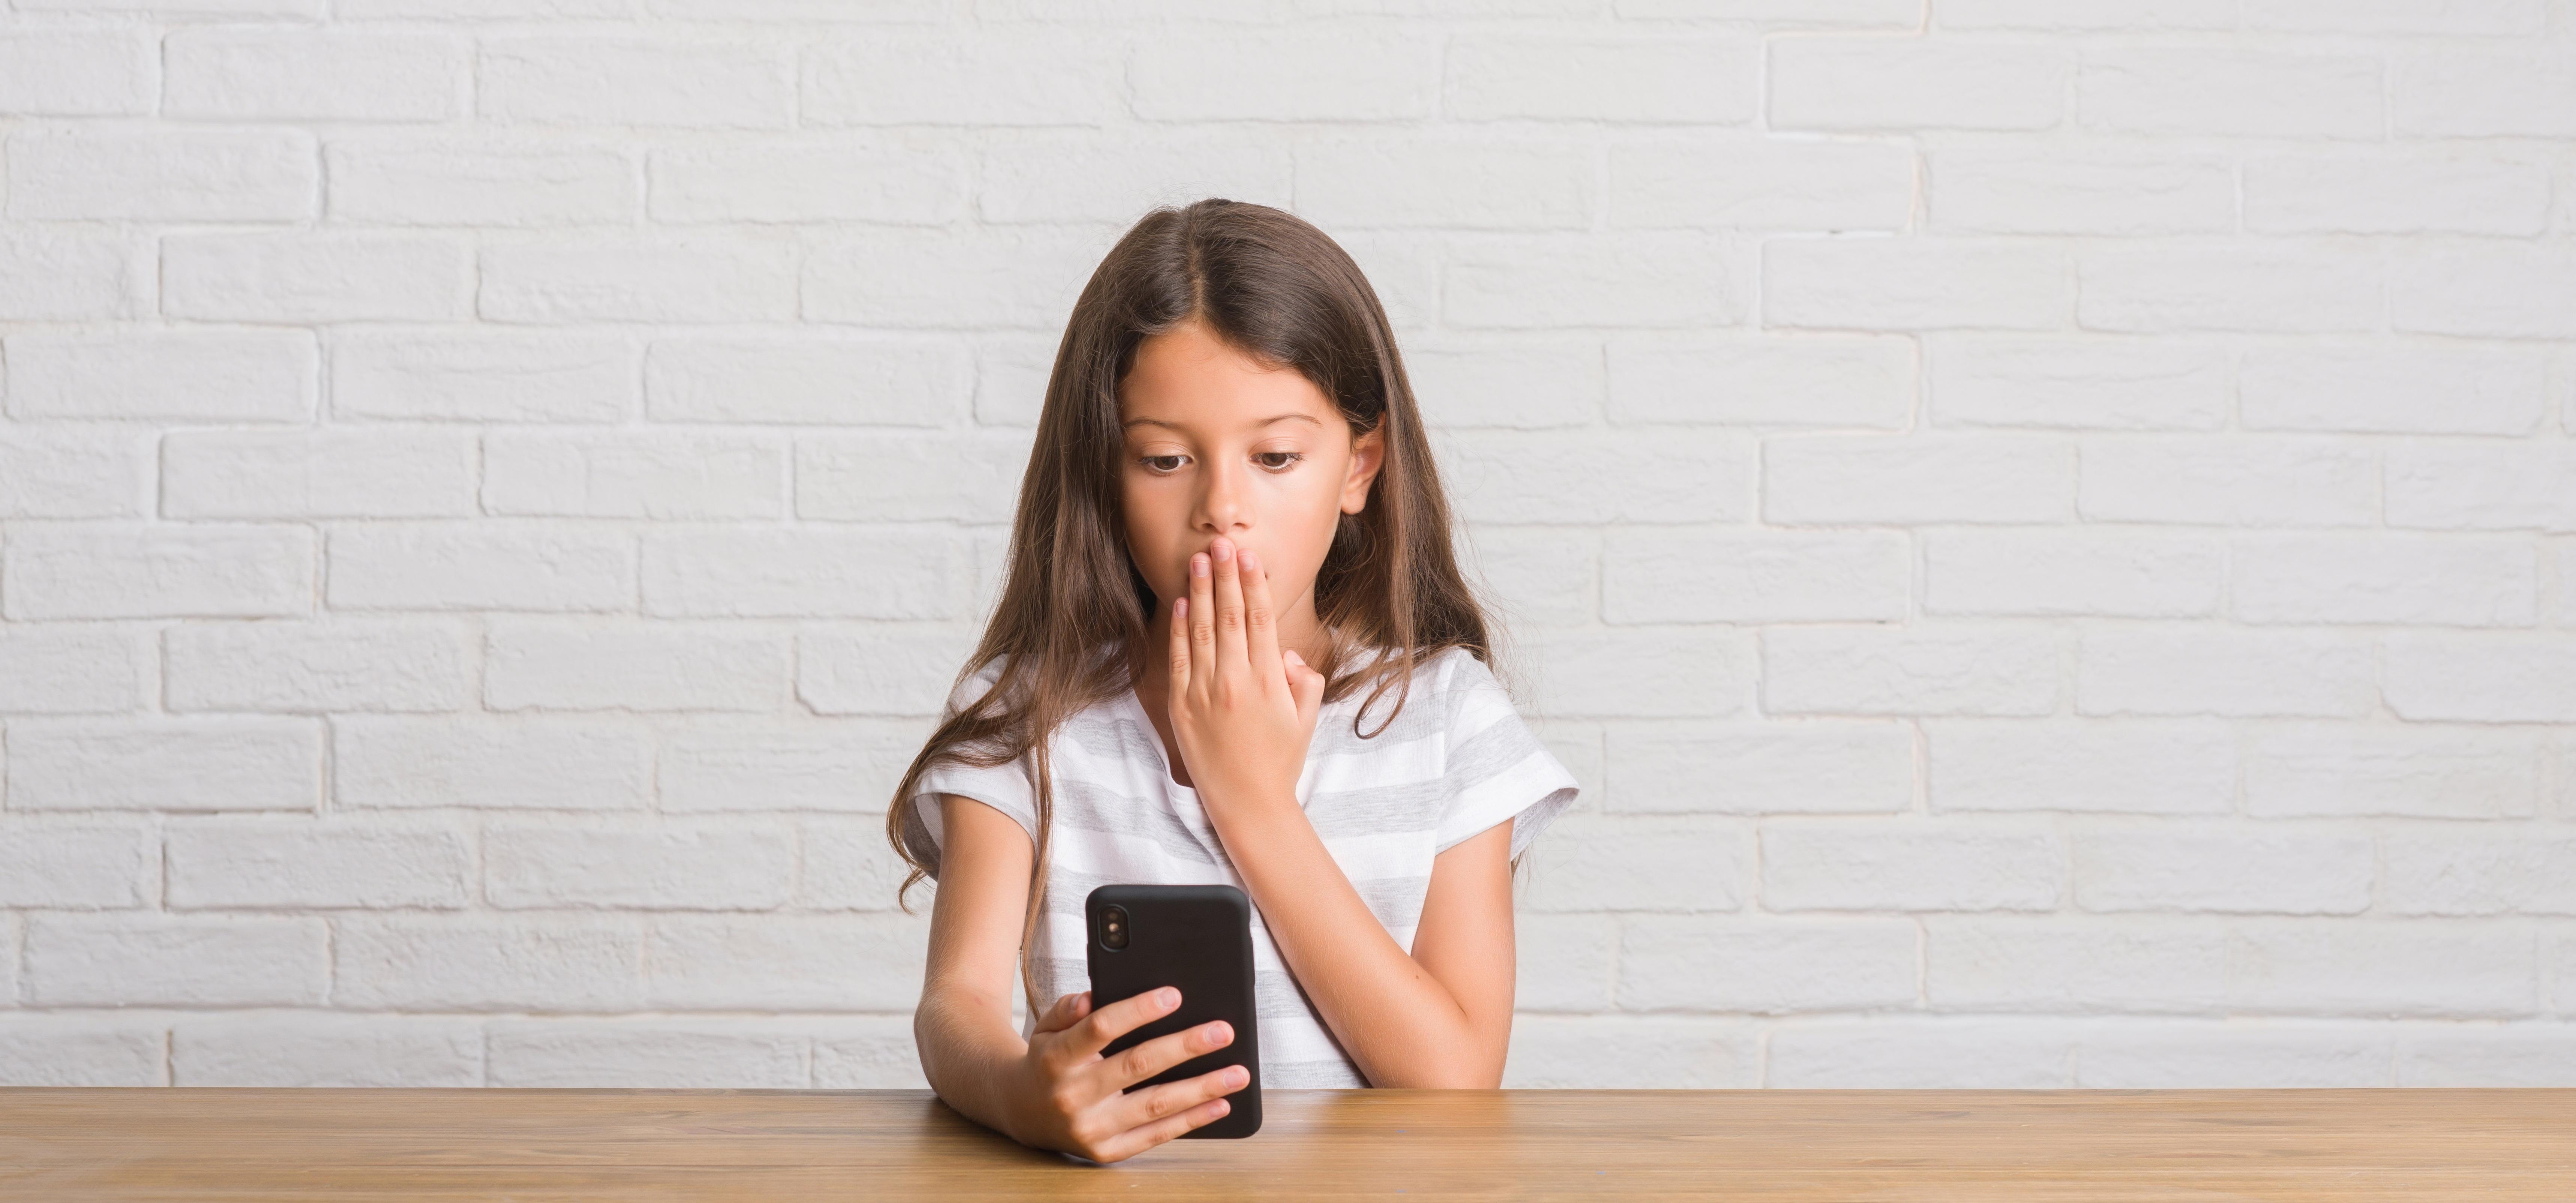 Porno, Sexting und Co. - Kinder vorbereiten und begleiten